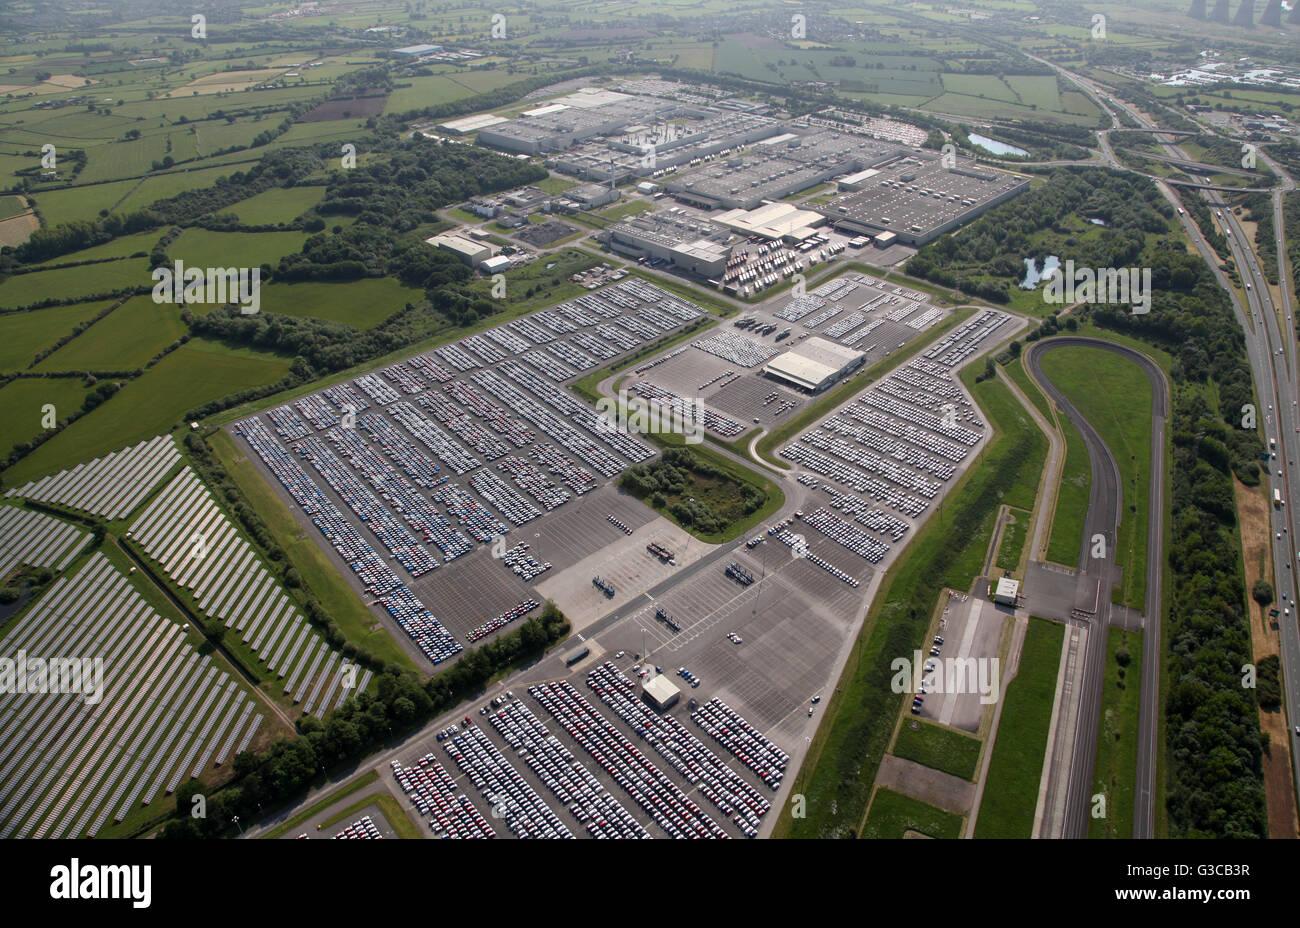 Vista aérea de la producción de automóviles Toyota Motor Manufacturing plant bear Derby, Reino Unido Imagen De Stock